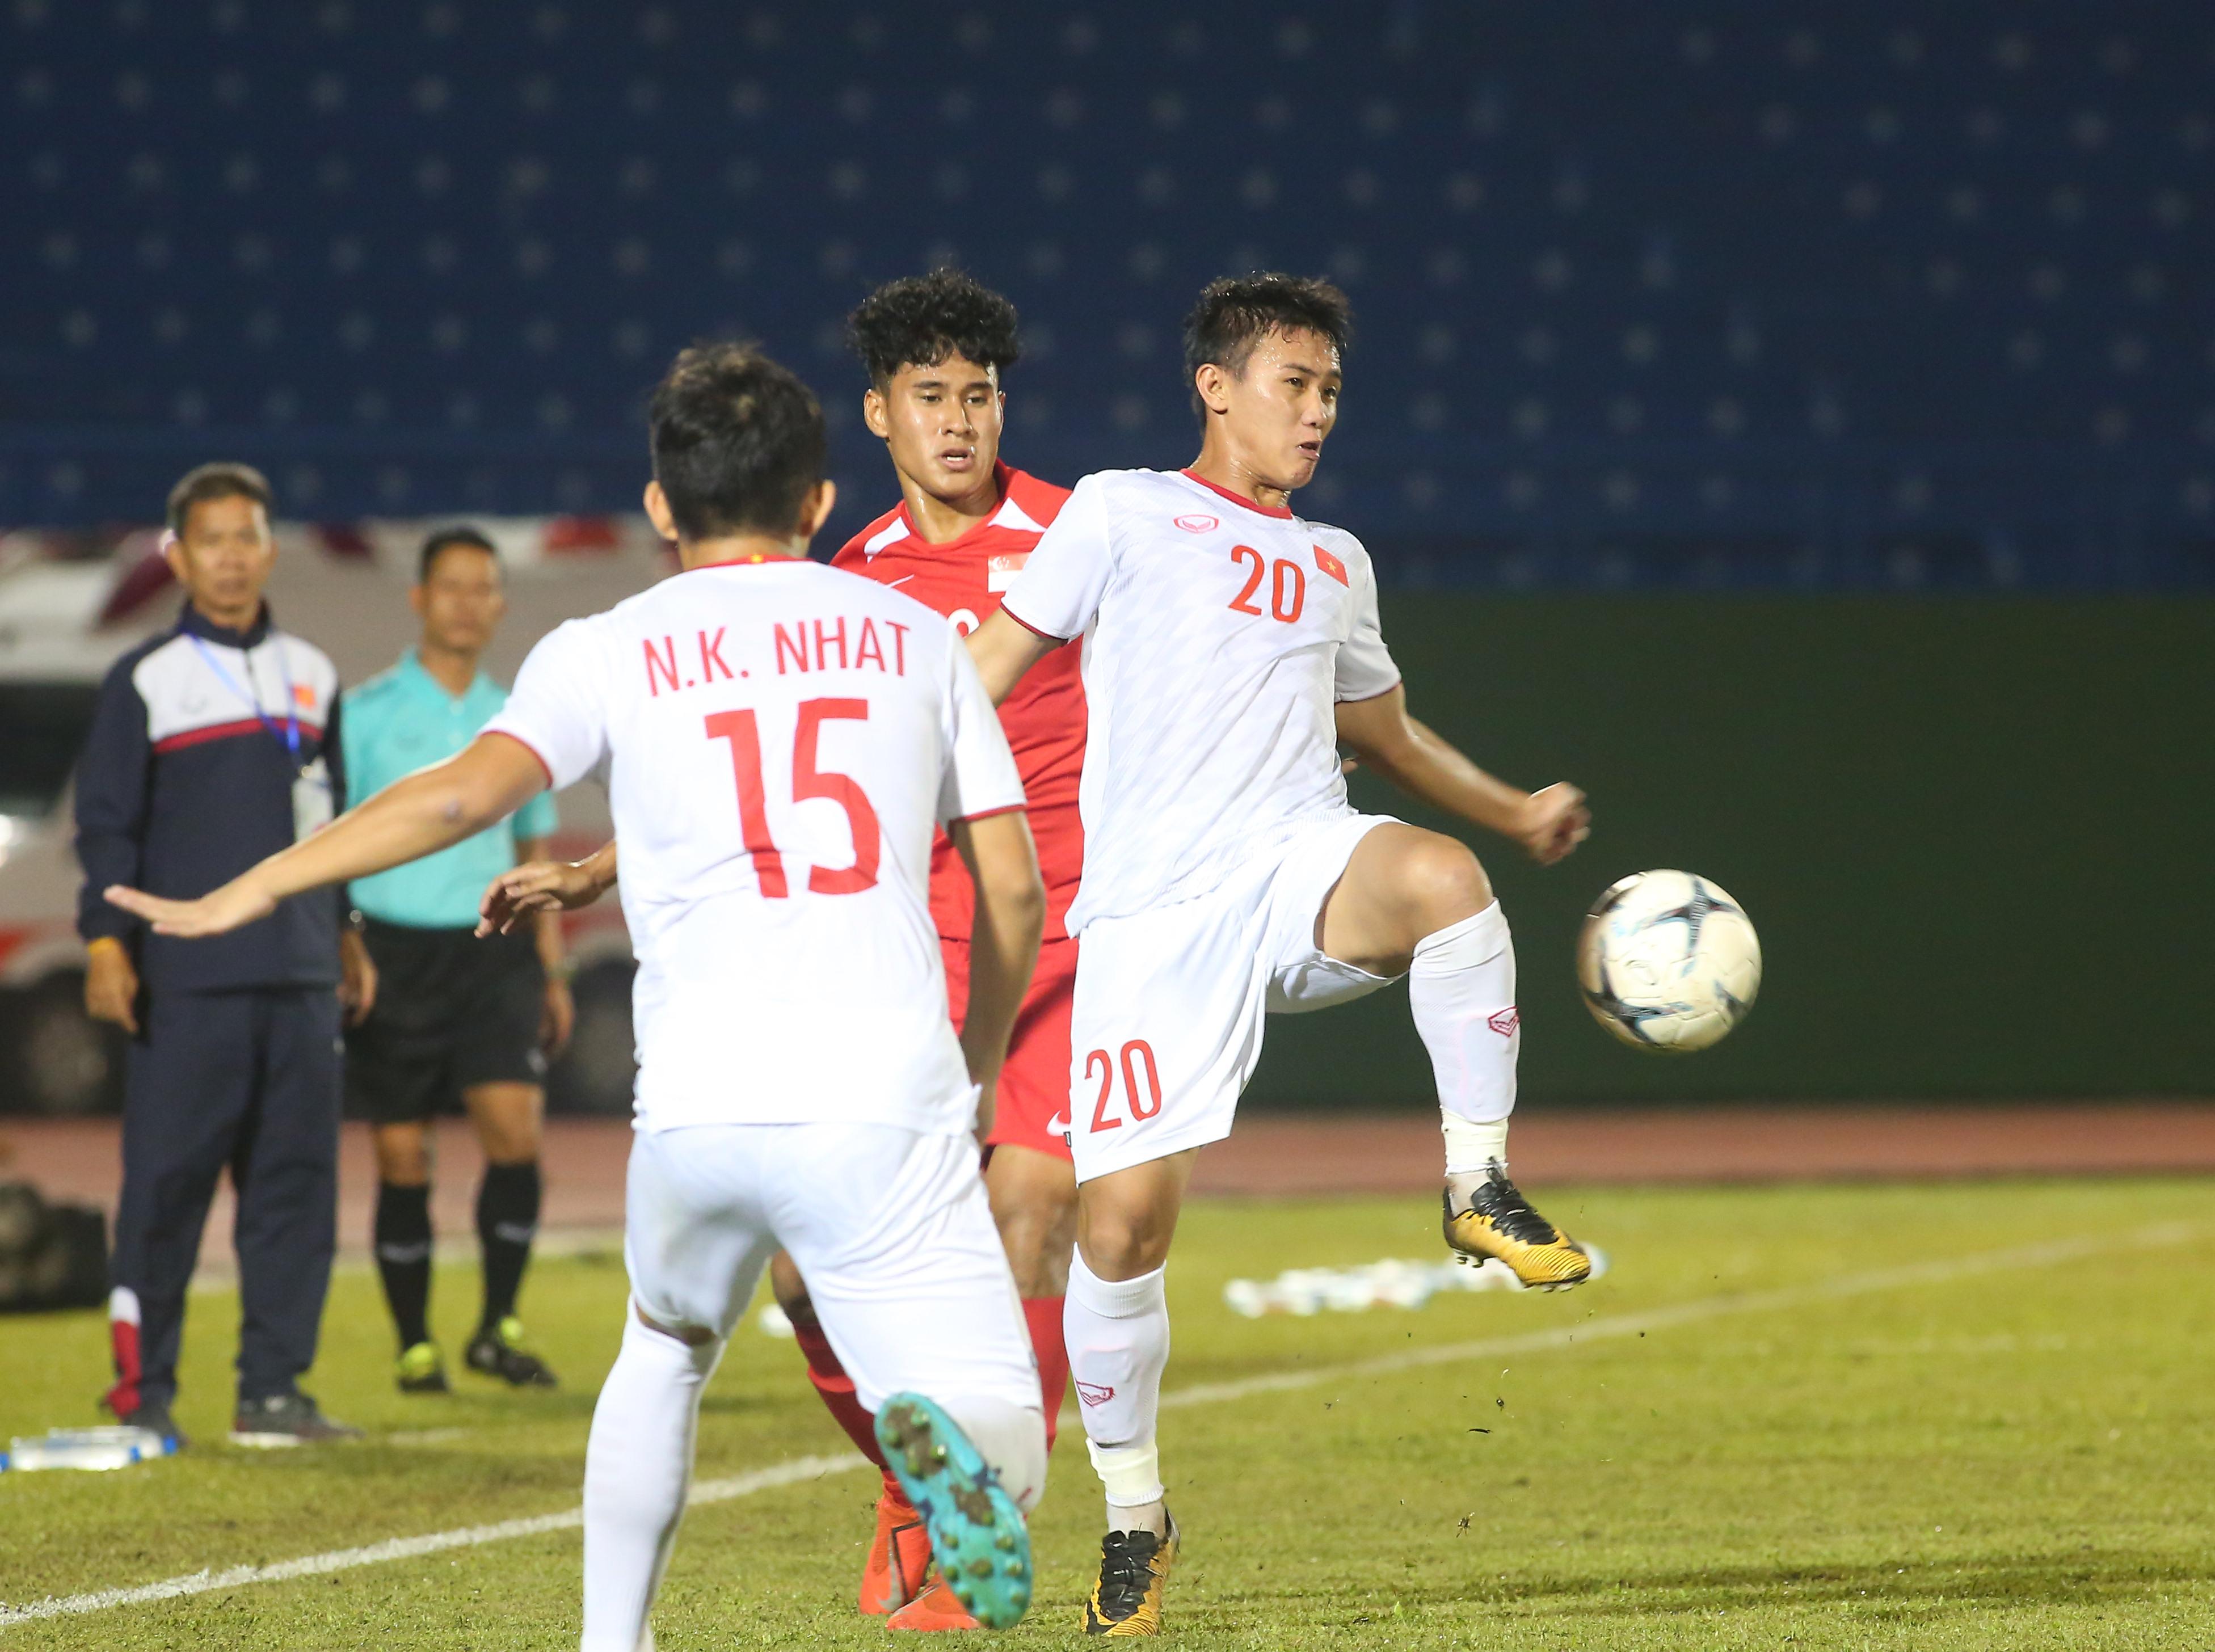 Chùm ảnh U18 Việt Nam đã bại Singapore - Bóng Đá